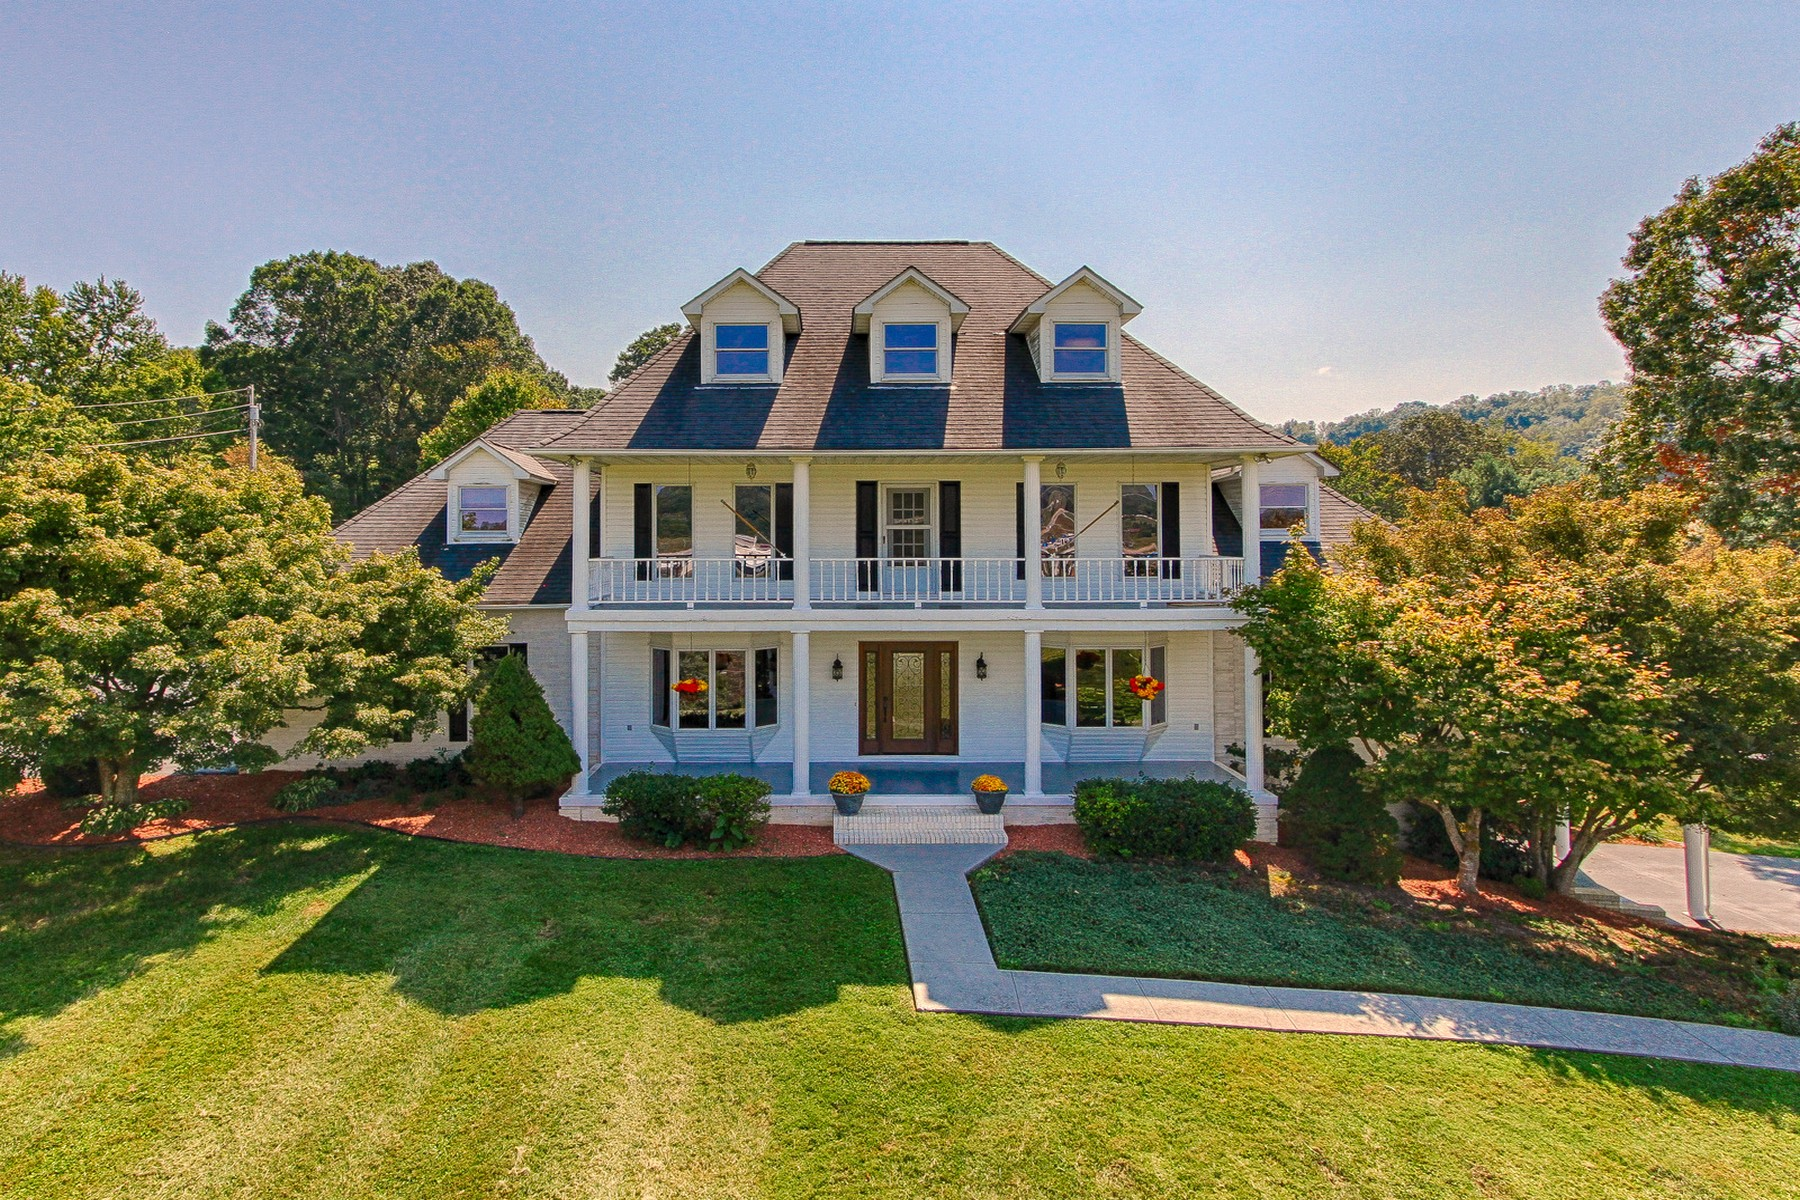 Частный односемейный дом для того Продажа на Private 13+ Acre Estate 905 Old Highway 33 New Tazewell, Теннесси 37825 Соединенные Штаты